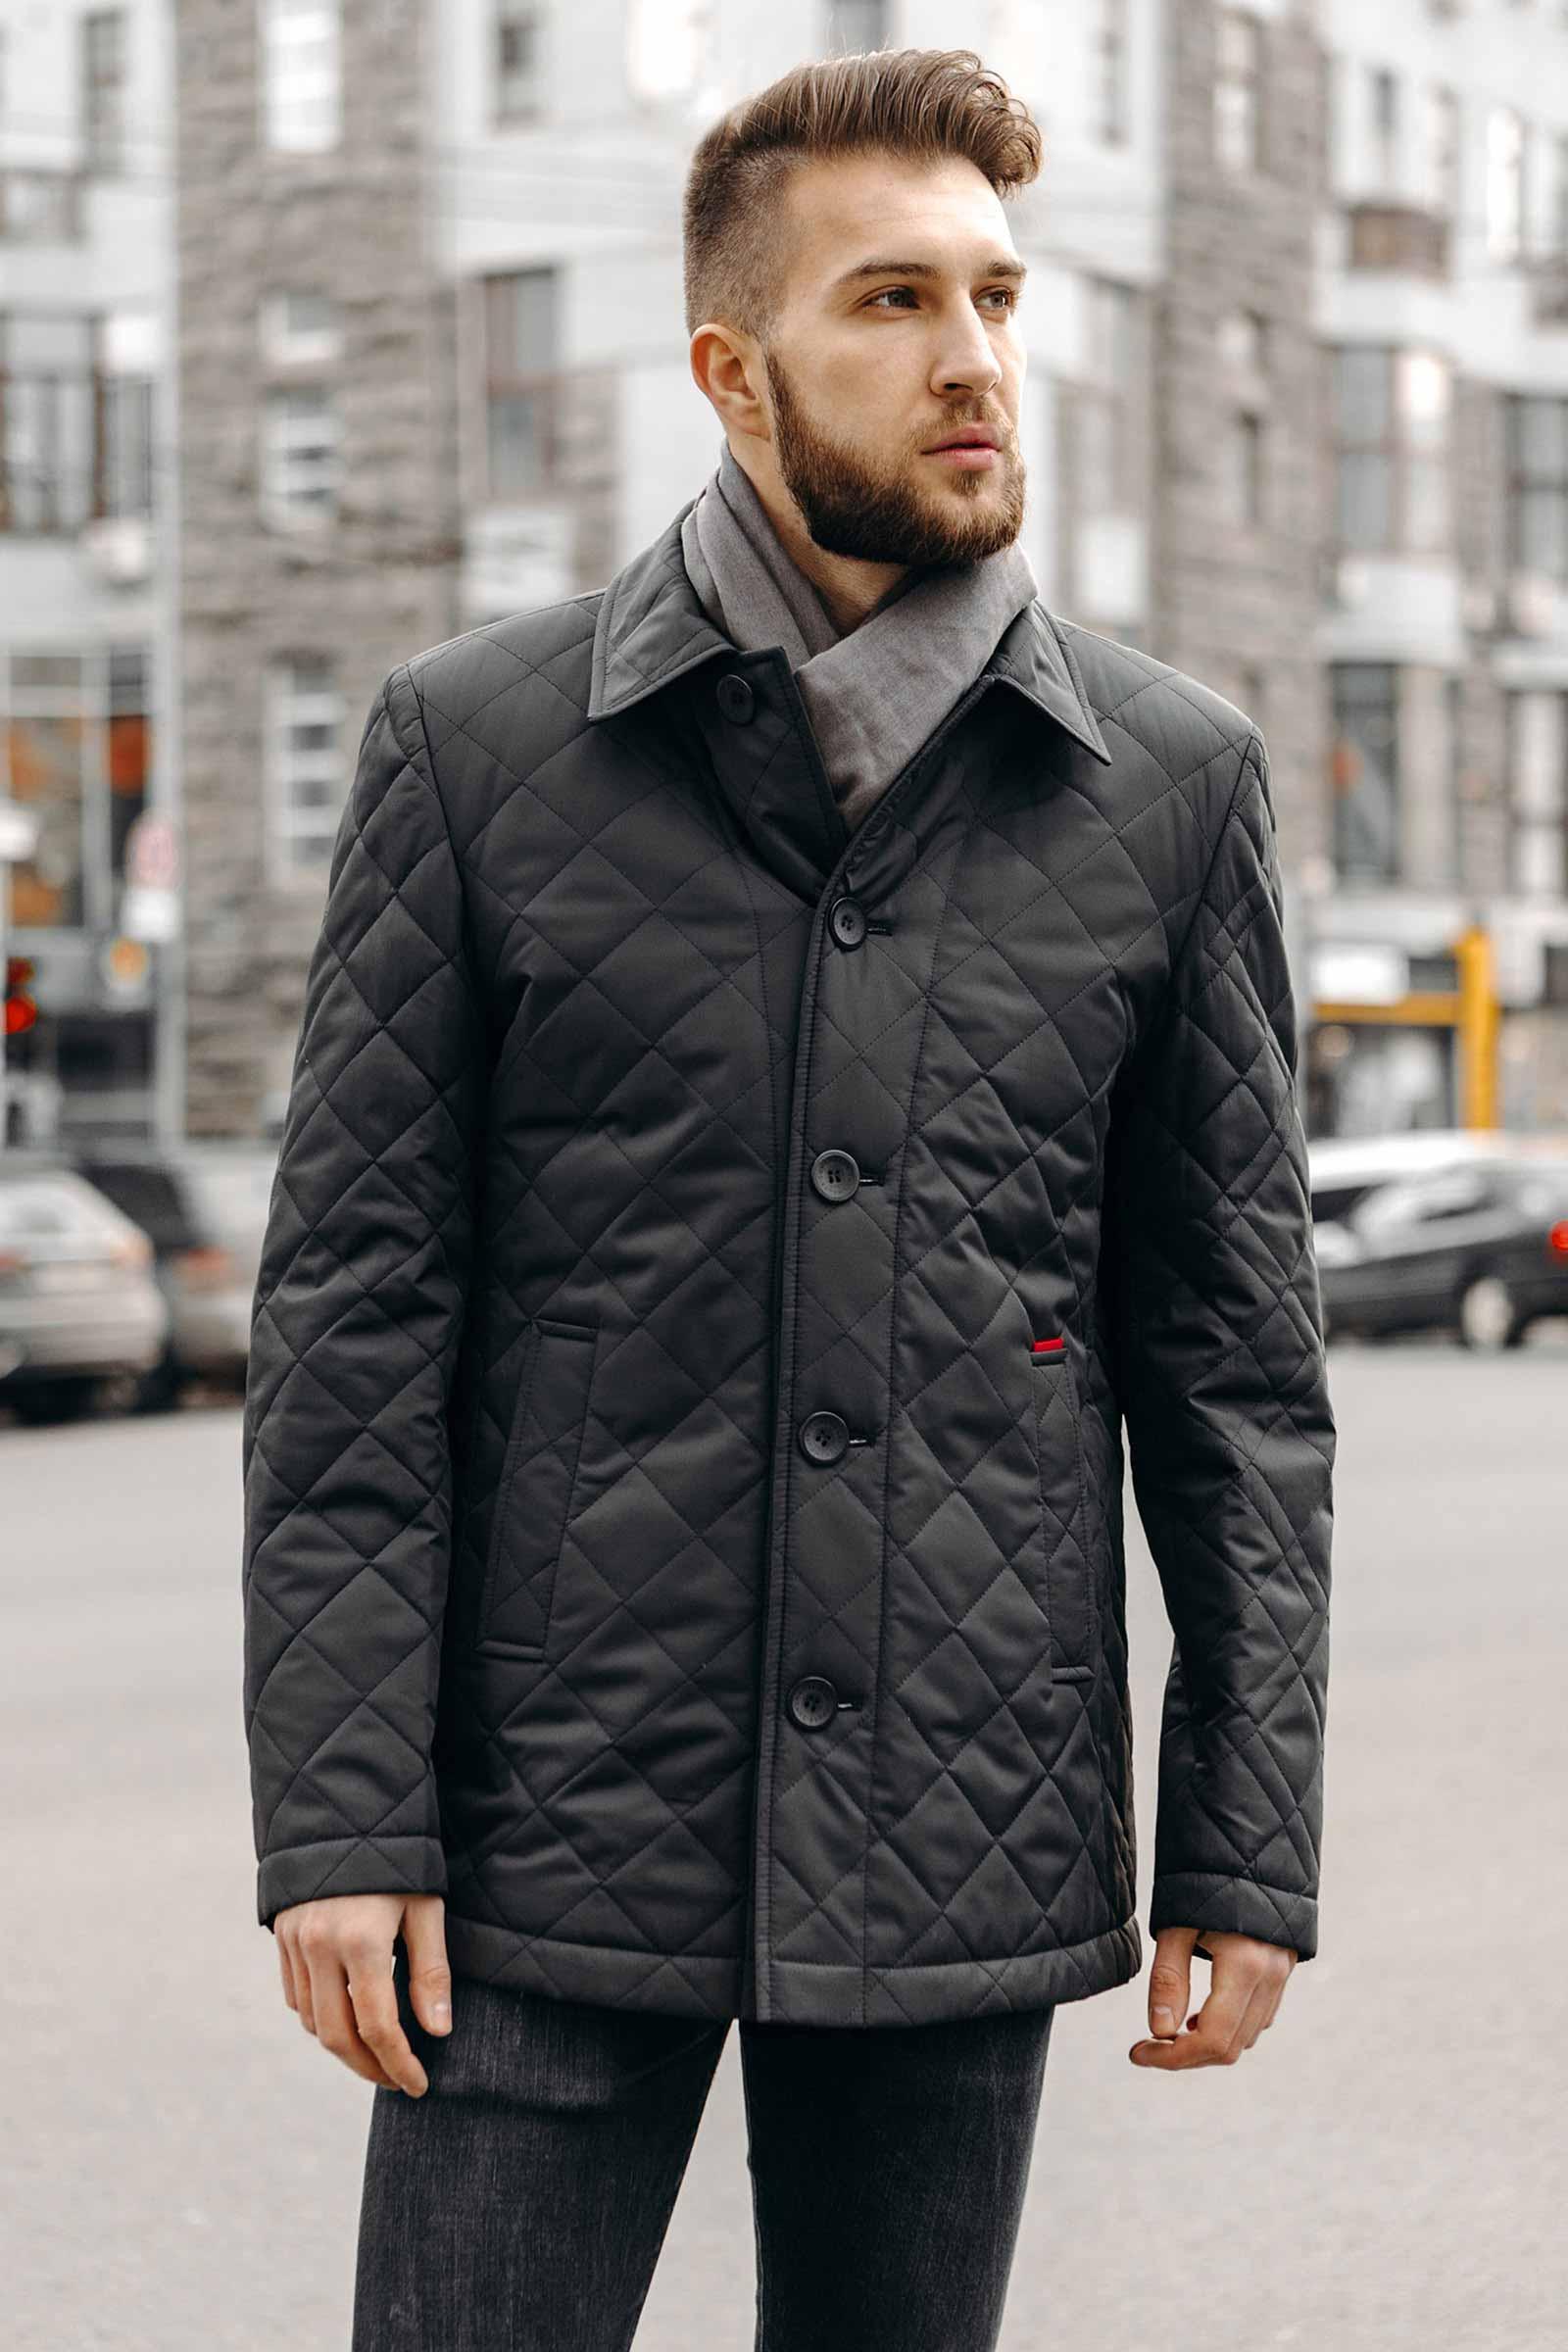 Недорогие куртки мужские Киев